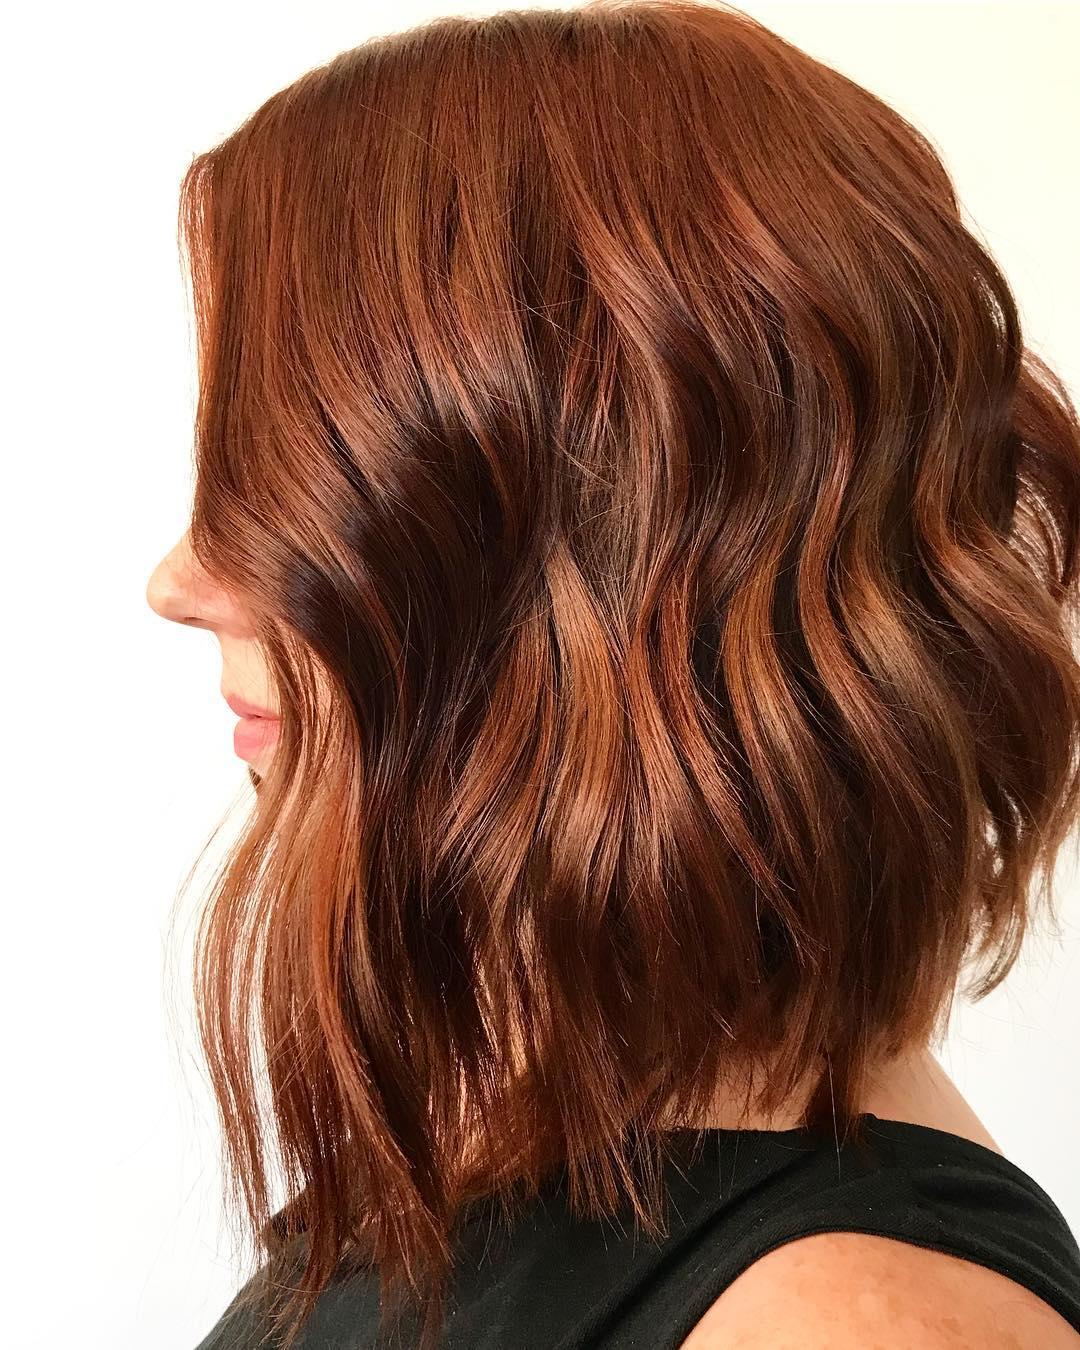 короткие стрижки для рыжих волос фото 3